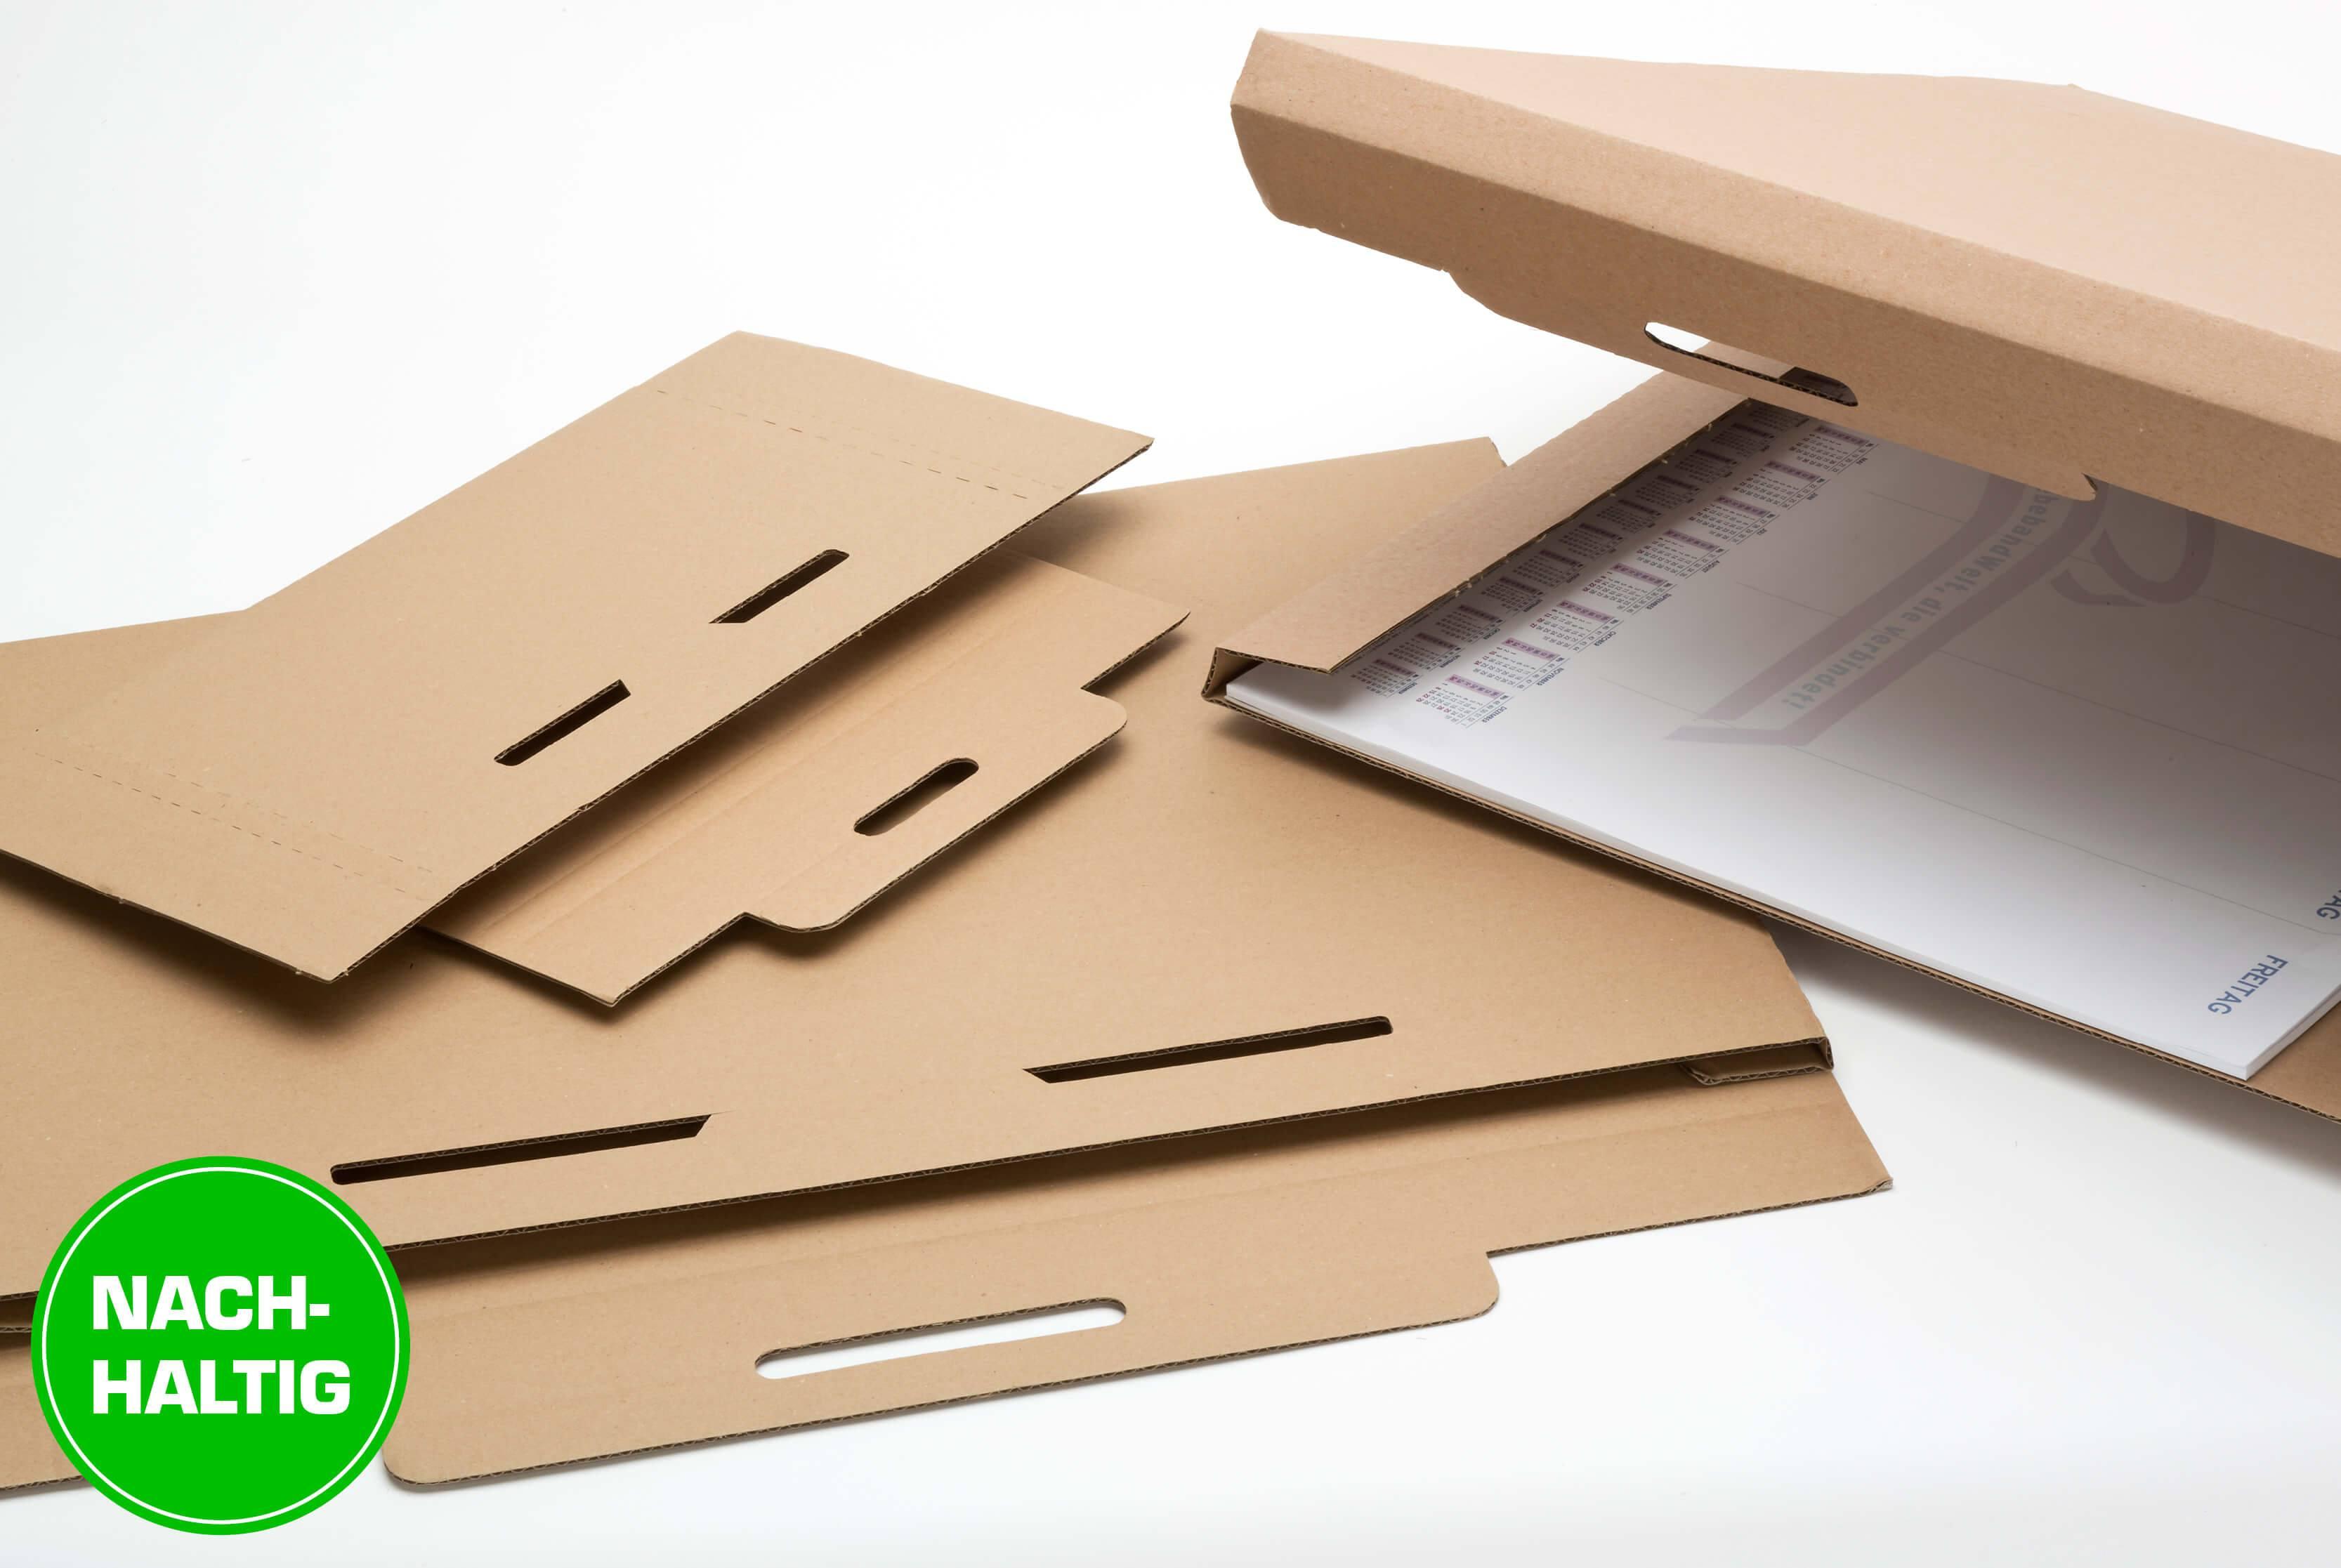 Nachhaltige Kalenderverpackungen für Postversand